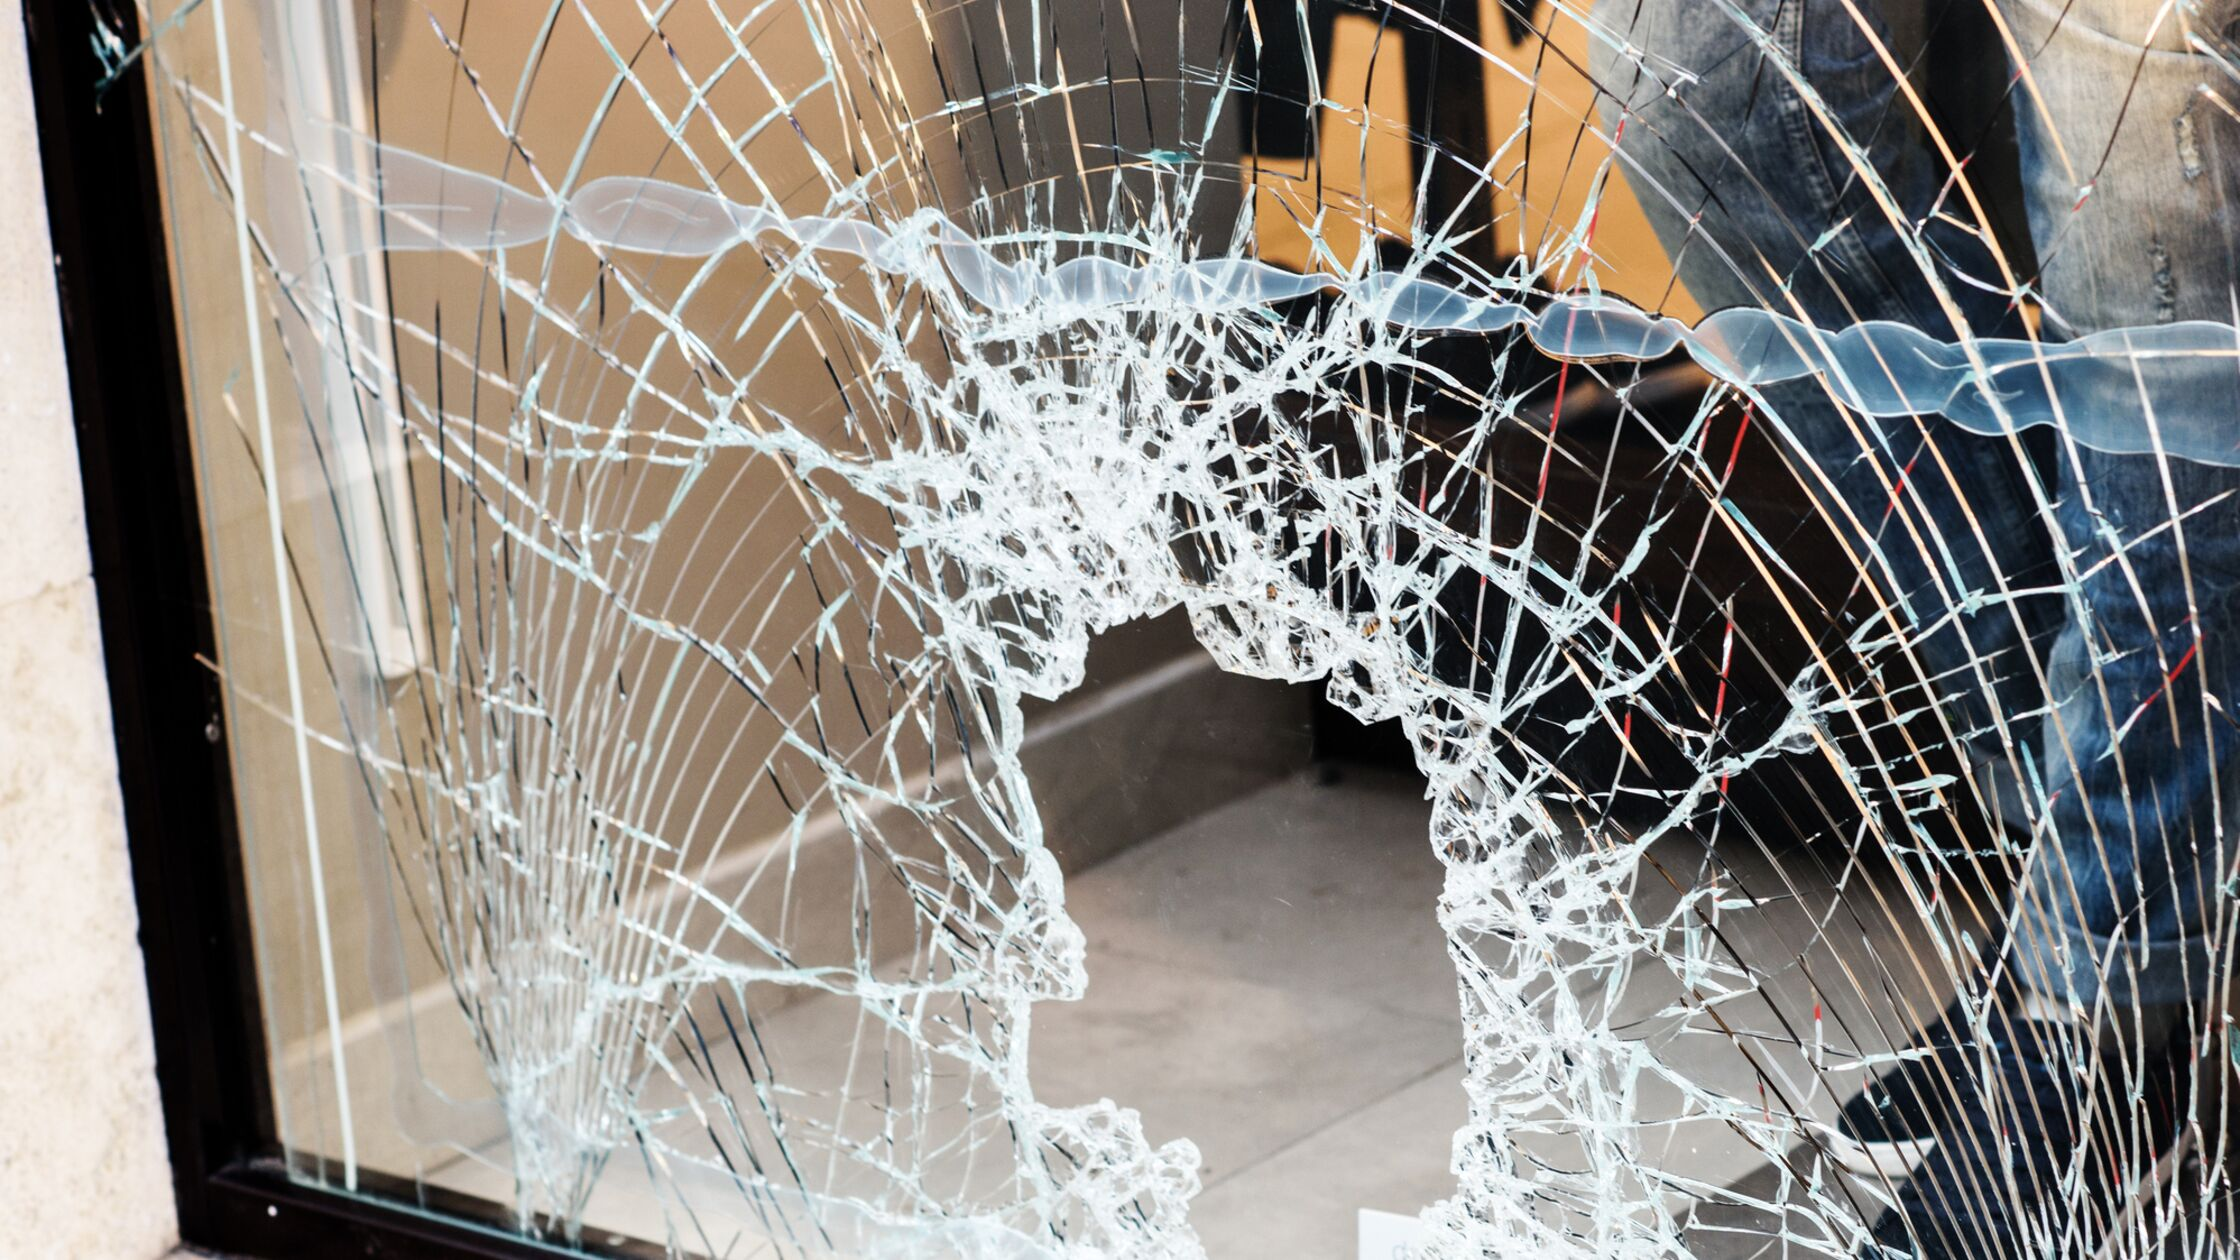 Zerbrochene und zersplitterte Fensterscheibe